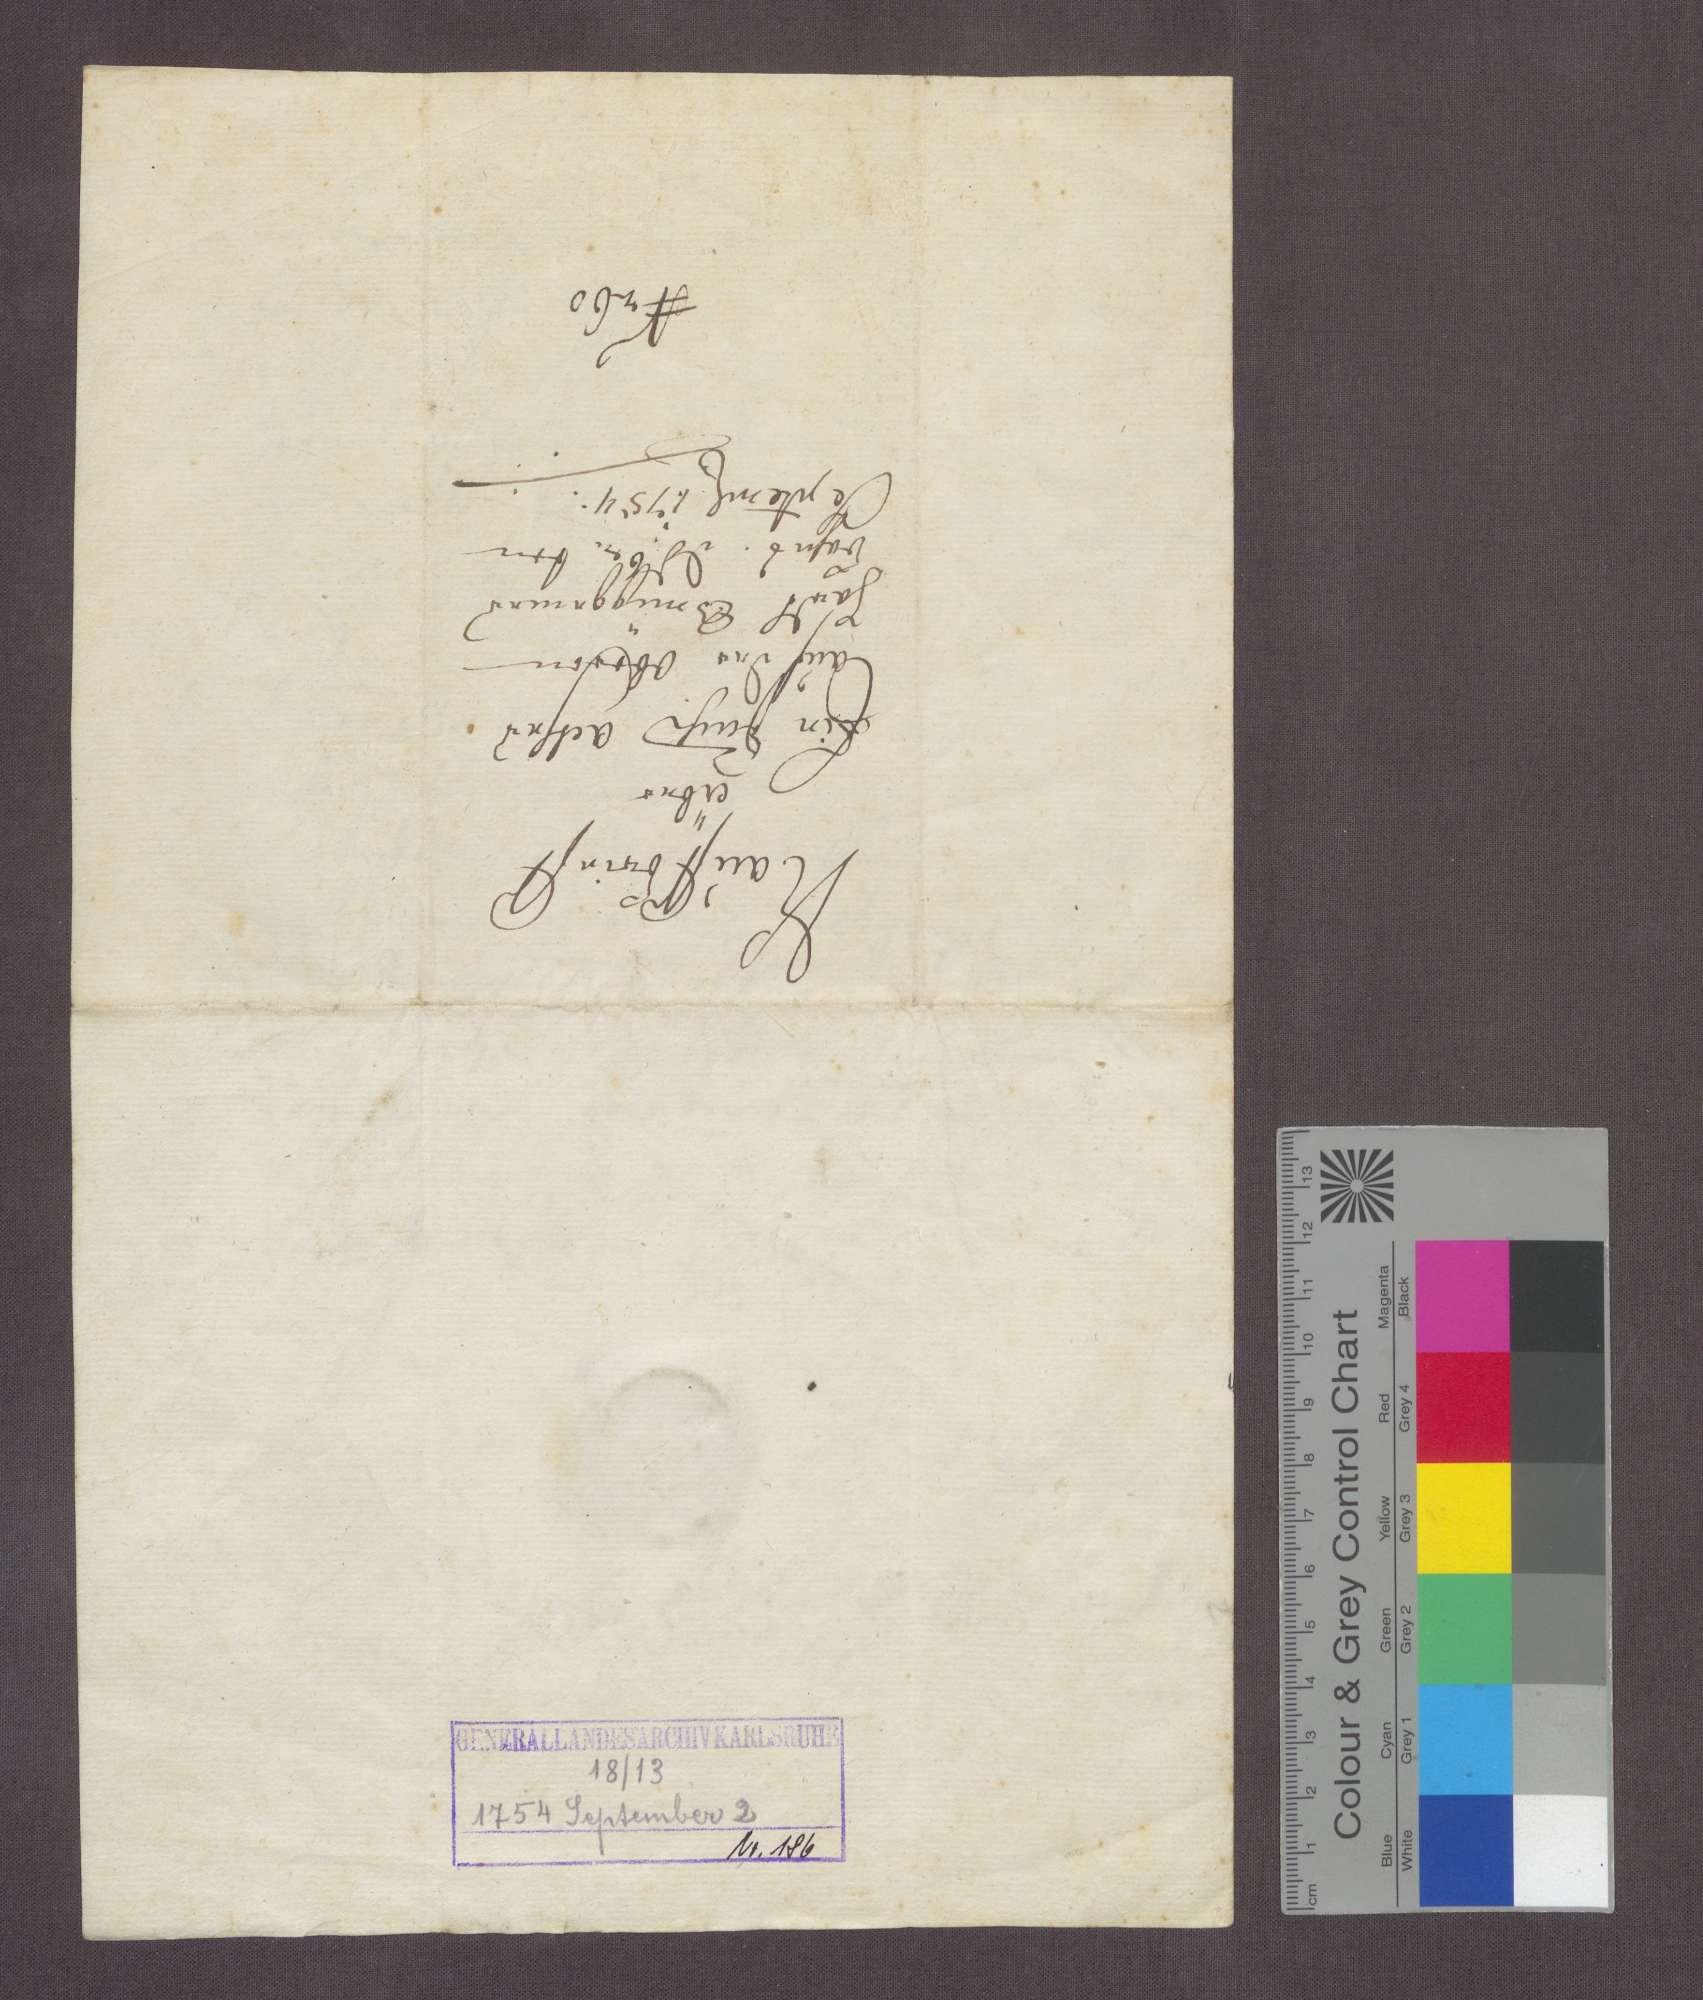 Joseph Benz von Nollingen verkauft der Deutsch-Ordens-Kommende Beuggen 1 Jauchert Acker auf der oberen Hardt um 70 Pfund., Bild 3